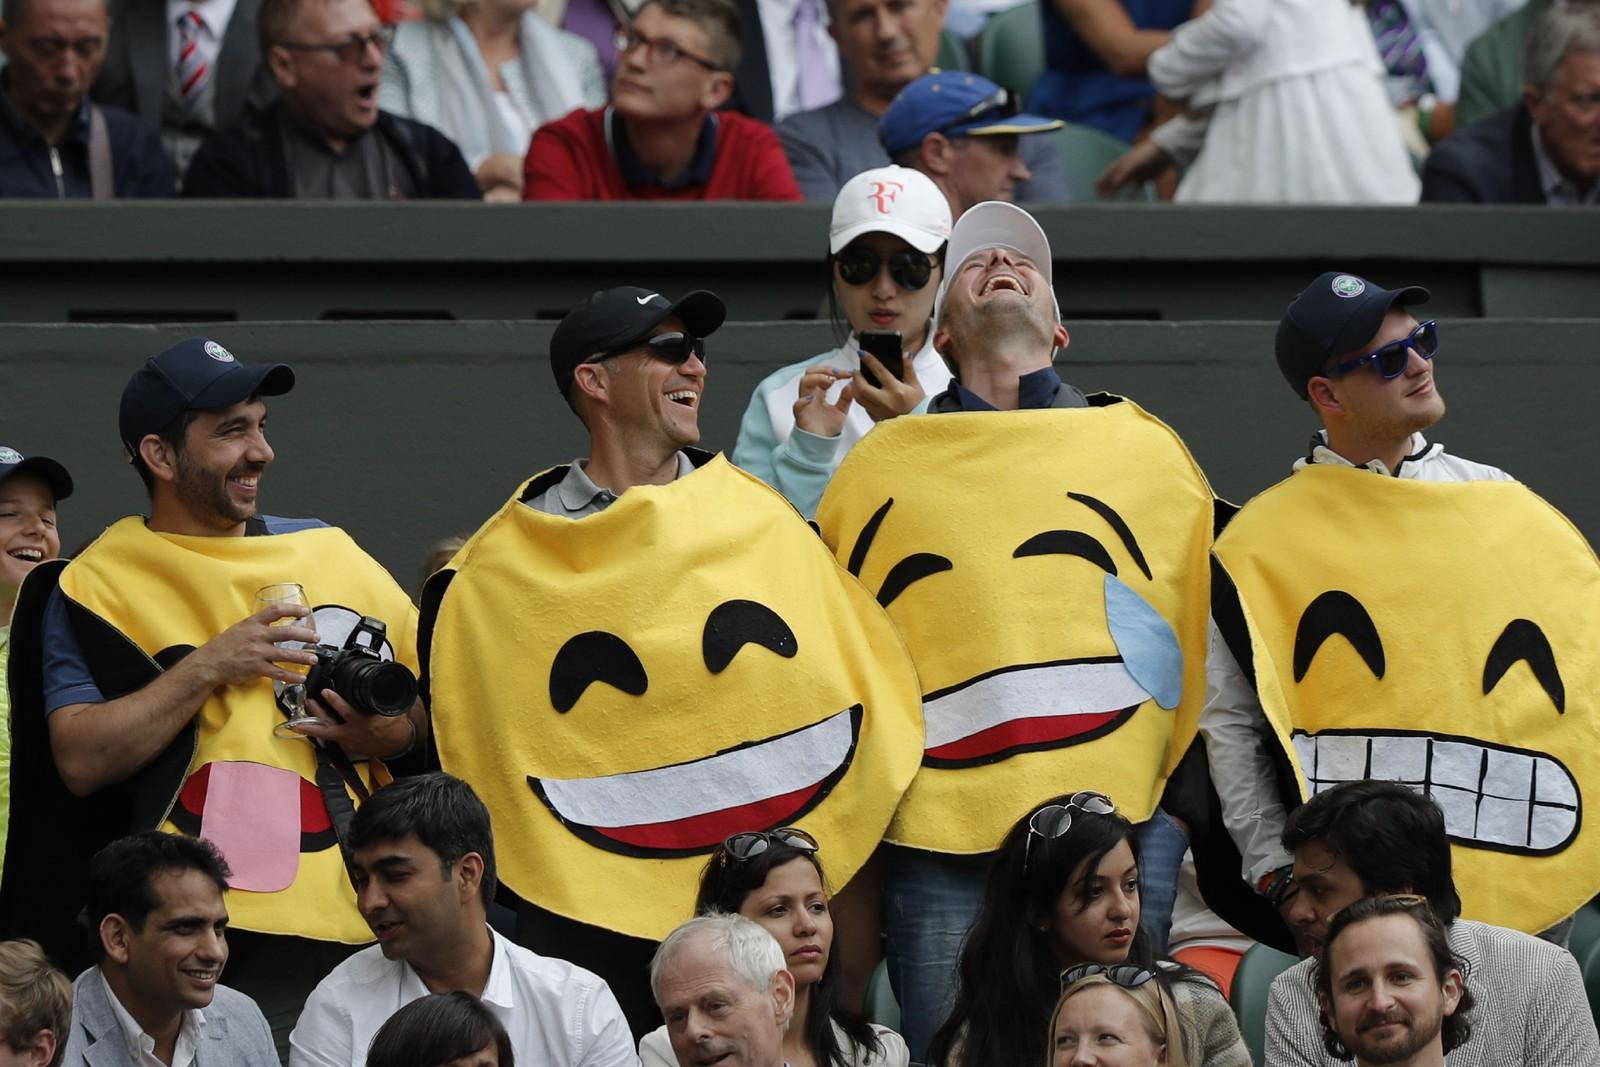 Innenfor sperringene er stemningen på topp. Disse tilskuerne hadde møtt opp for å se kampen mellom sveitsiske Roger Federer og argentinske Guido Pella.